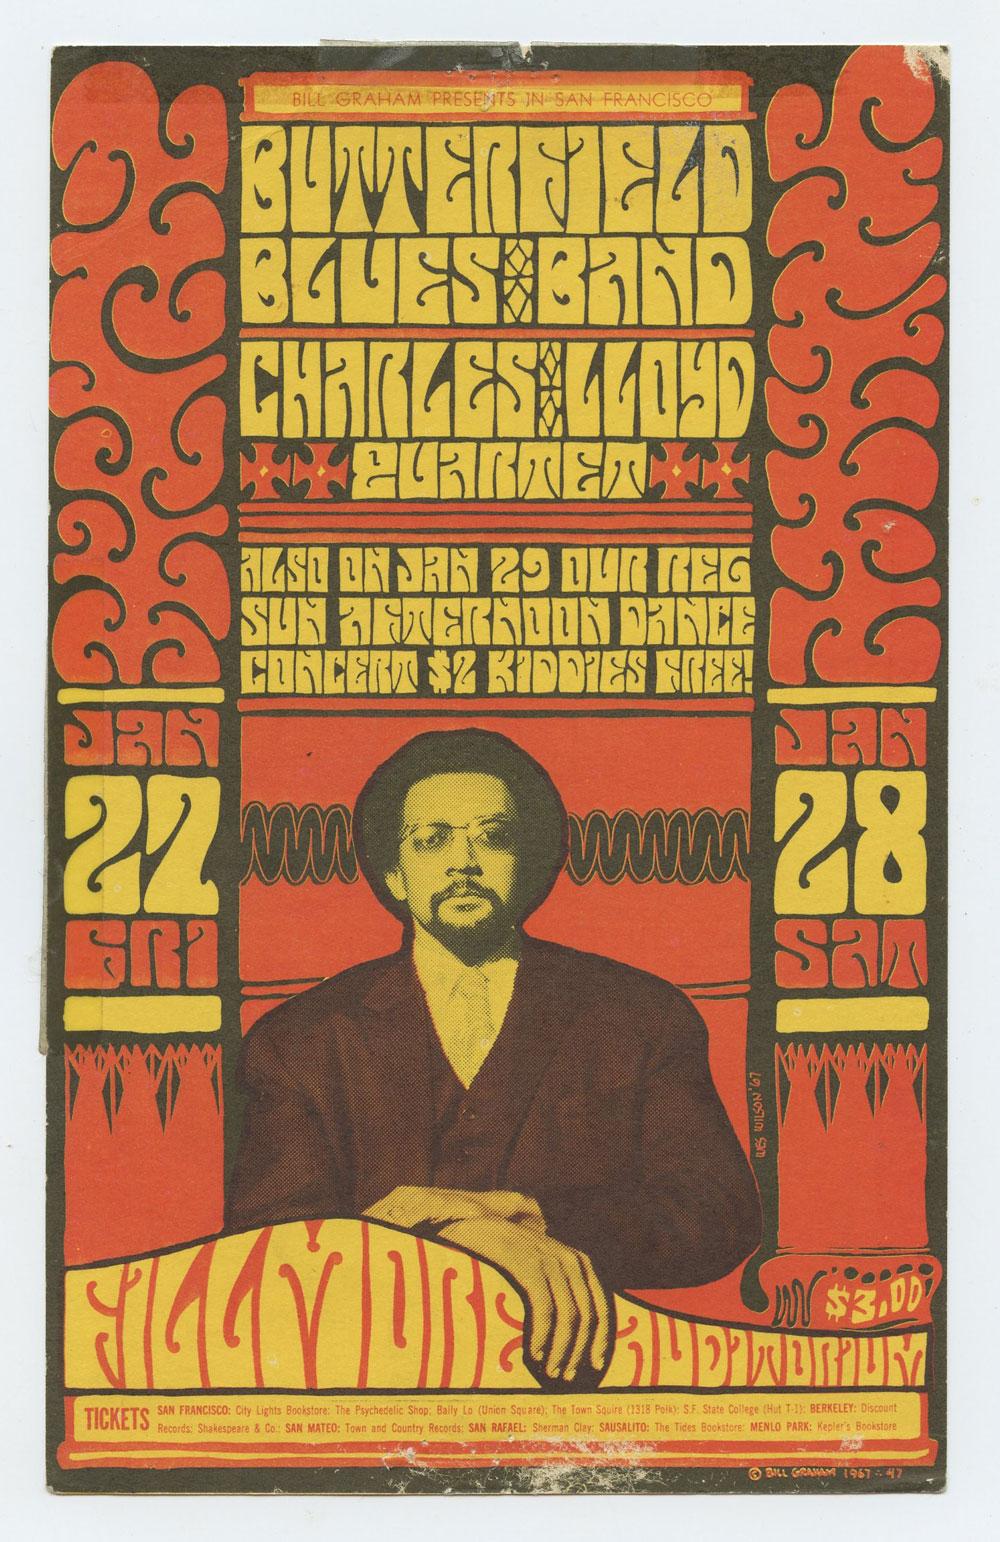 BG 47 Postcard Butterfield Blues band 1967 Jan 27